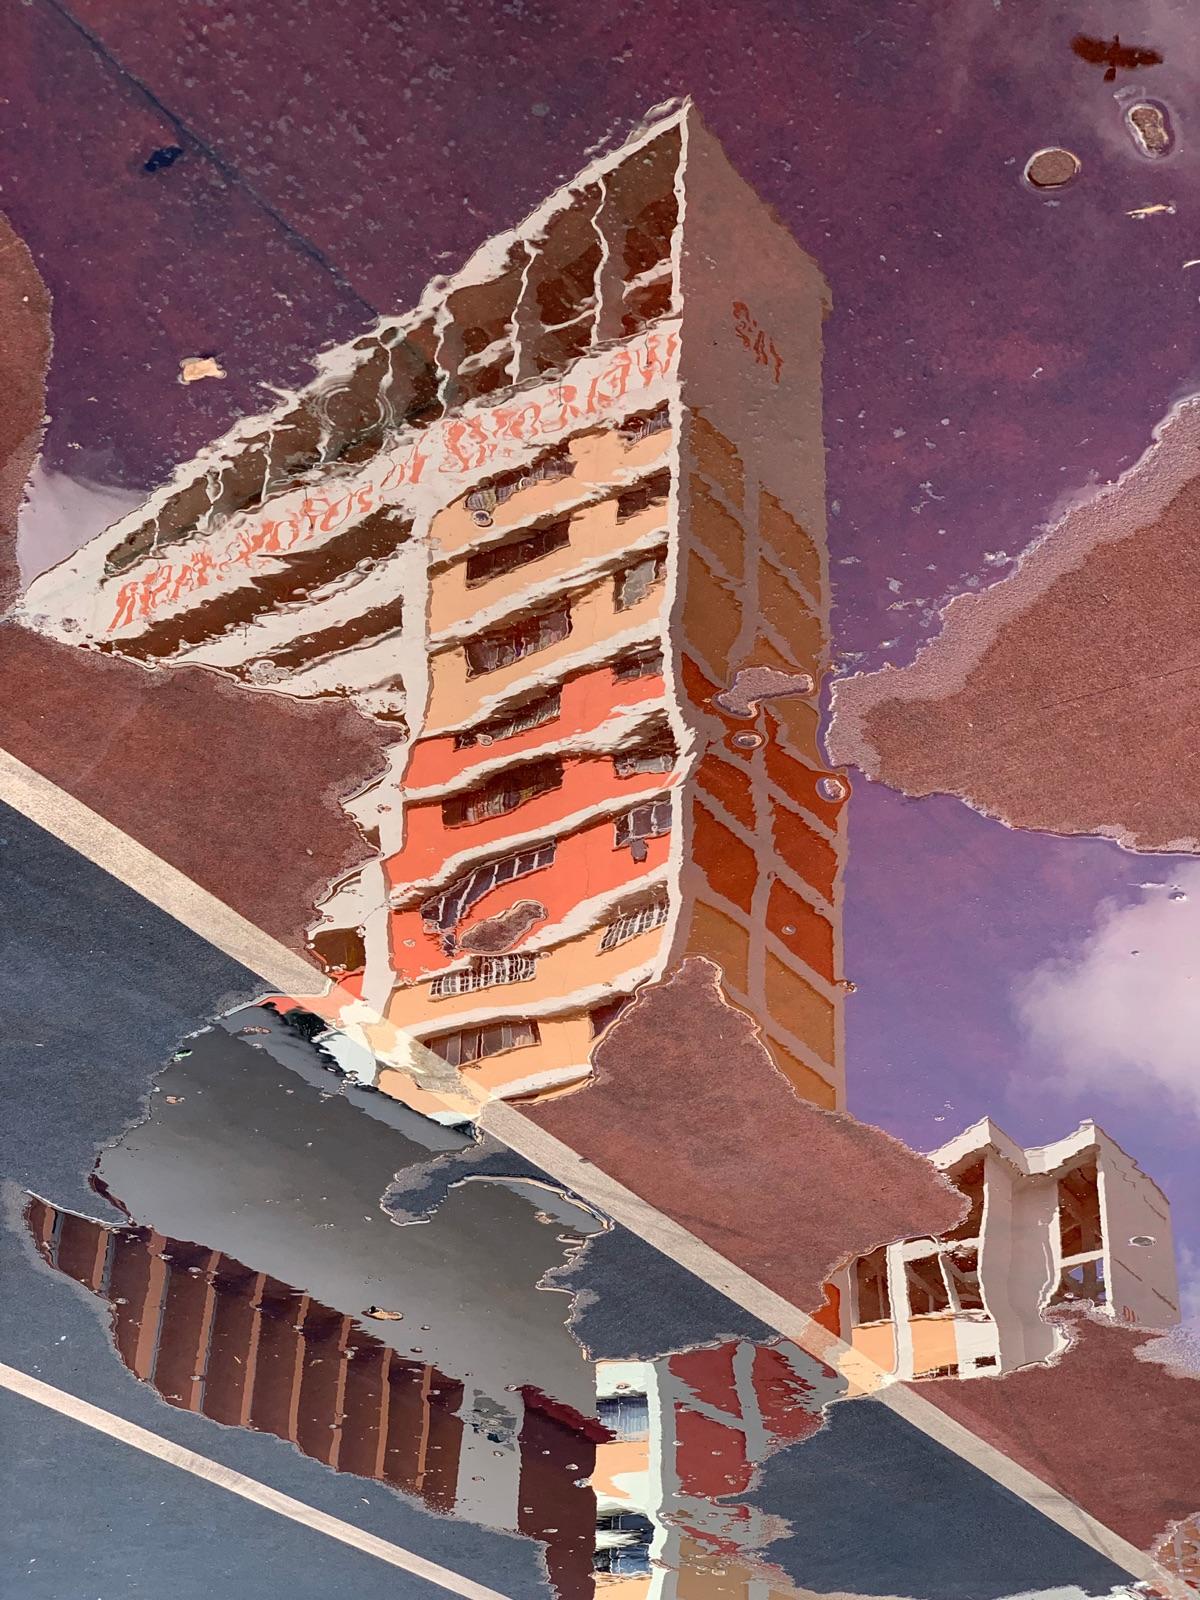 foto van een gebouw weerspiegeld in een plas water